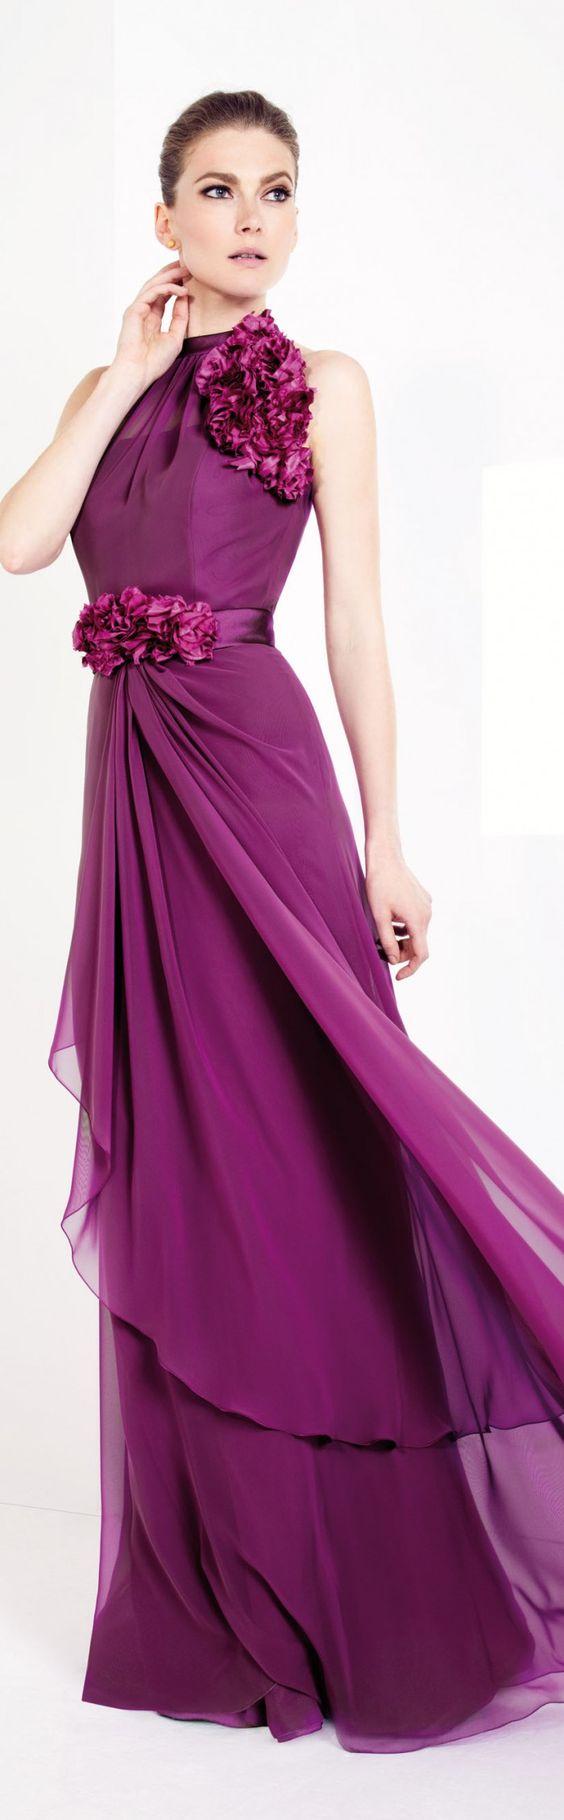 vestido gala rosa